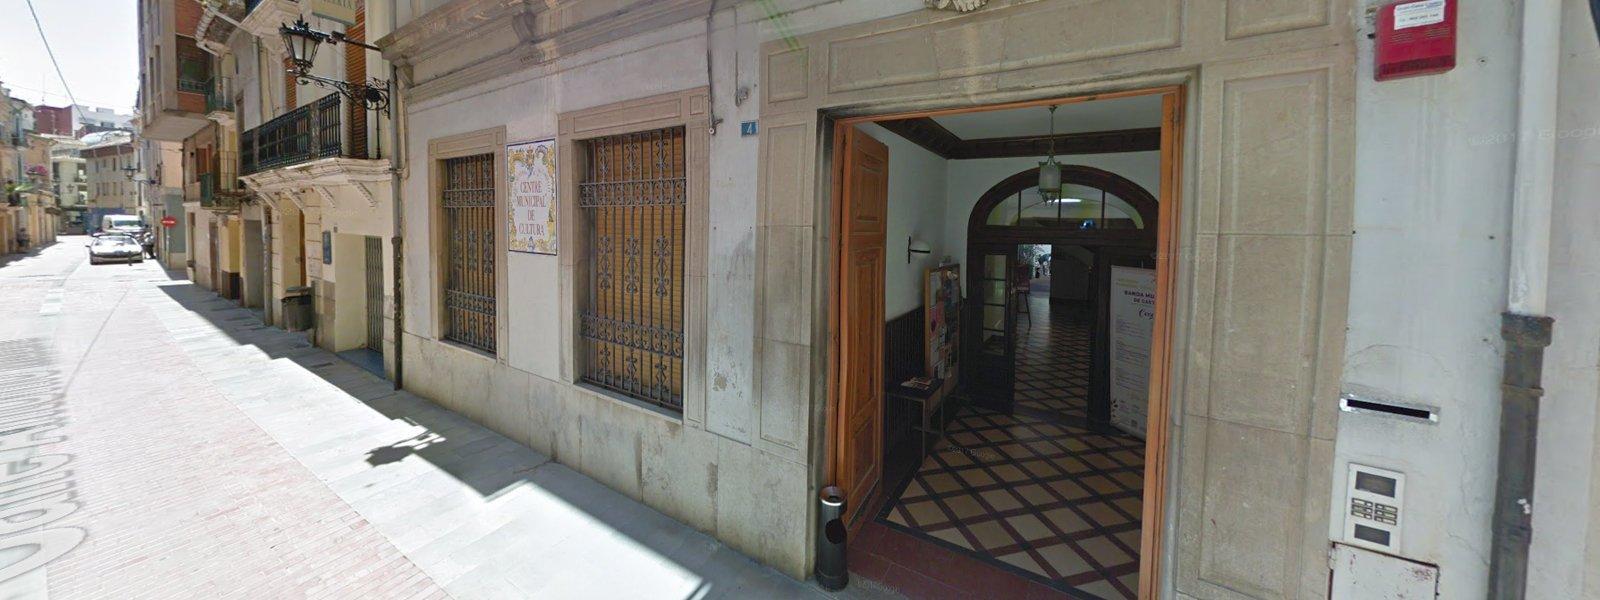 Centre municipal de cultura de Castelló, localització per a la representació d'espectacles